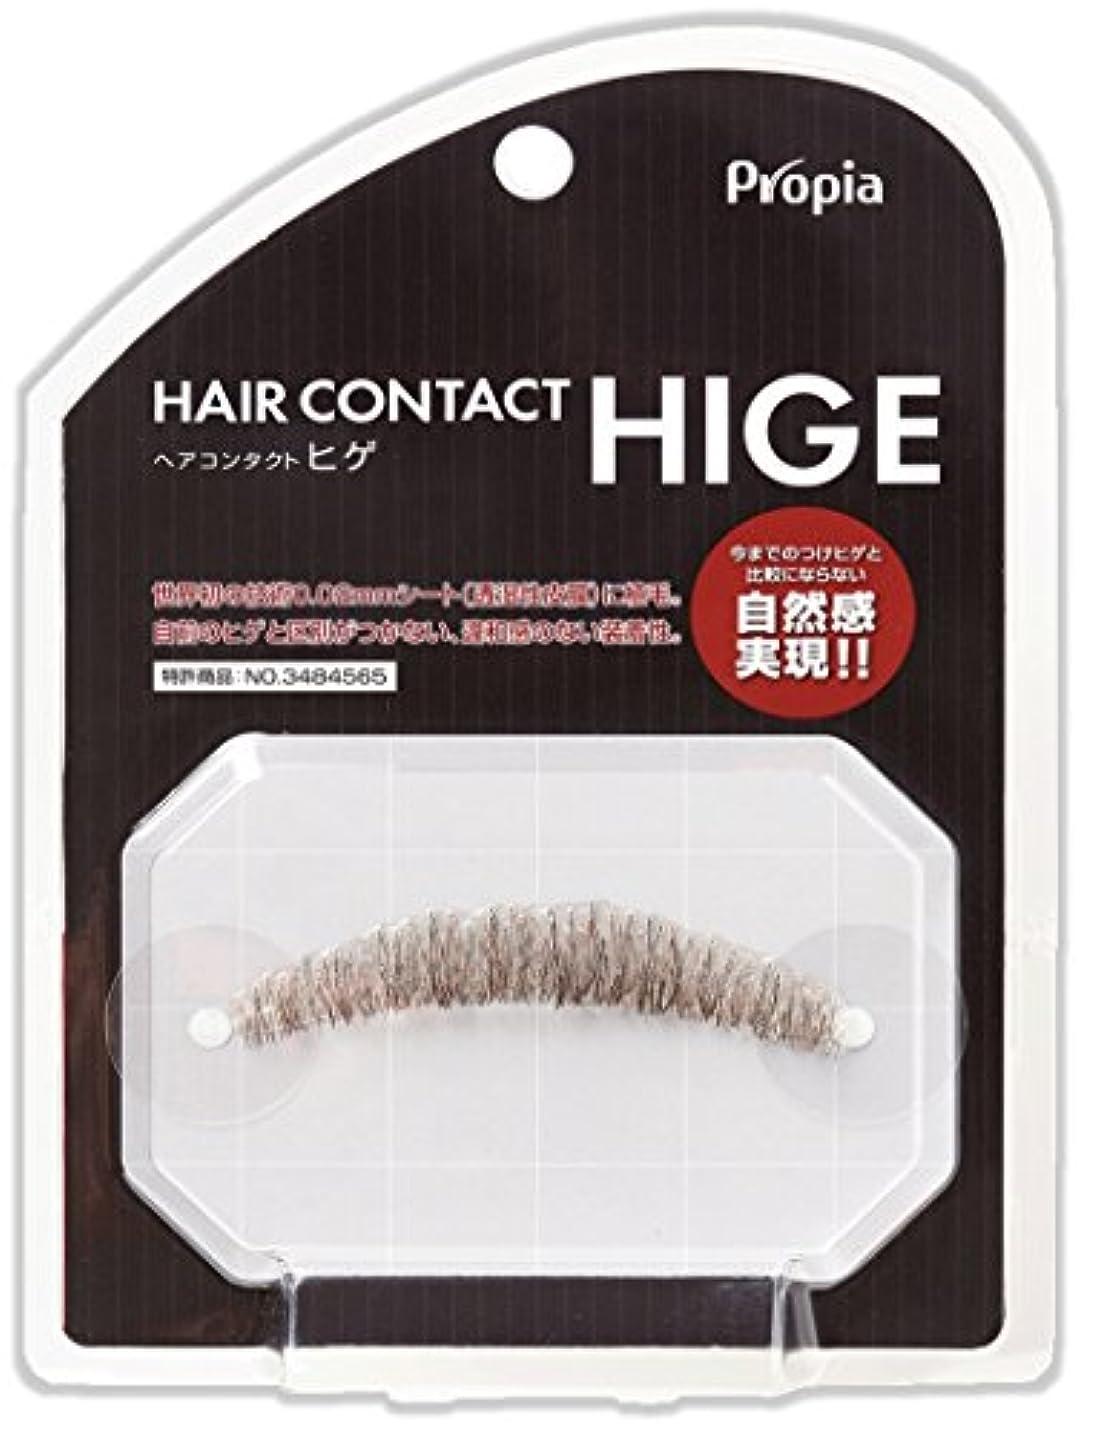 穀物成人期肌HAIR CONTACT HIGE クチヒゲ ピラミダル